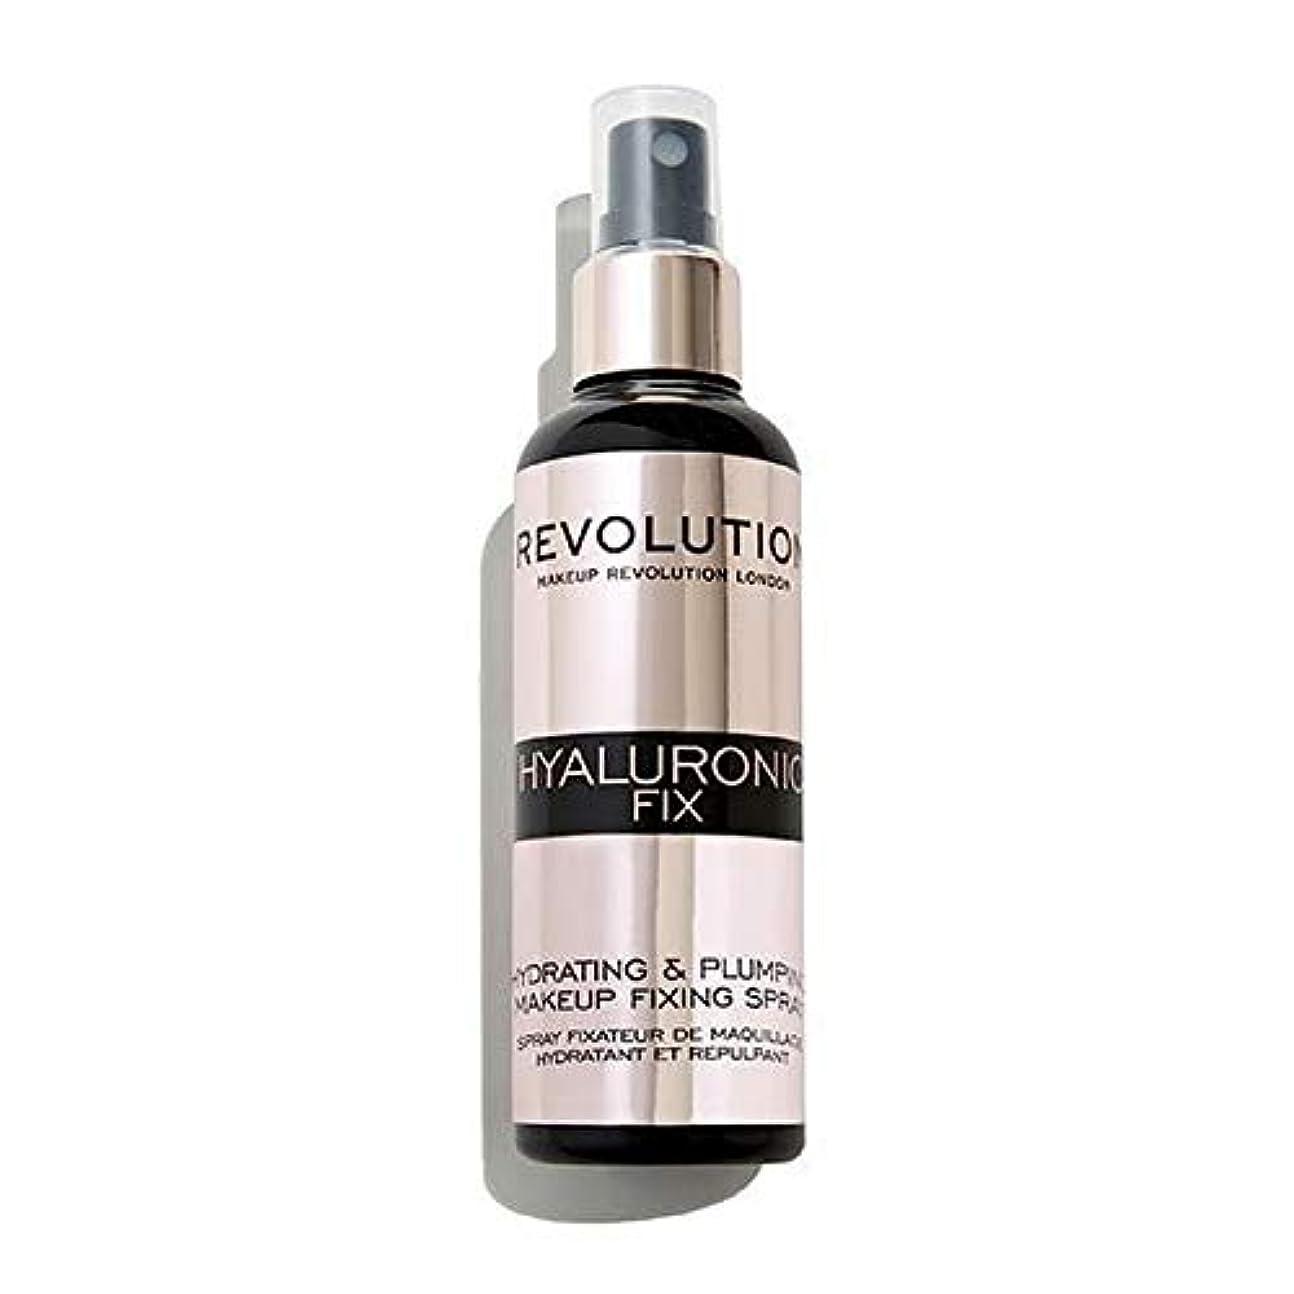 受け取るあたり制限する[Revolution ] 化粧革命ヒアルロン固定スプレー - Makeup Revolution Hyaluronic Fixing Spray [並行輸入品]